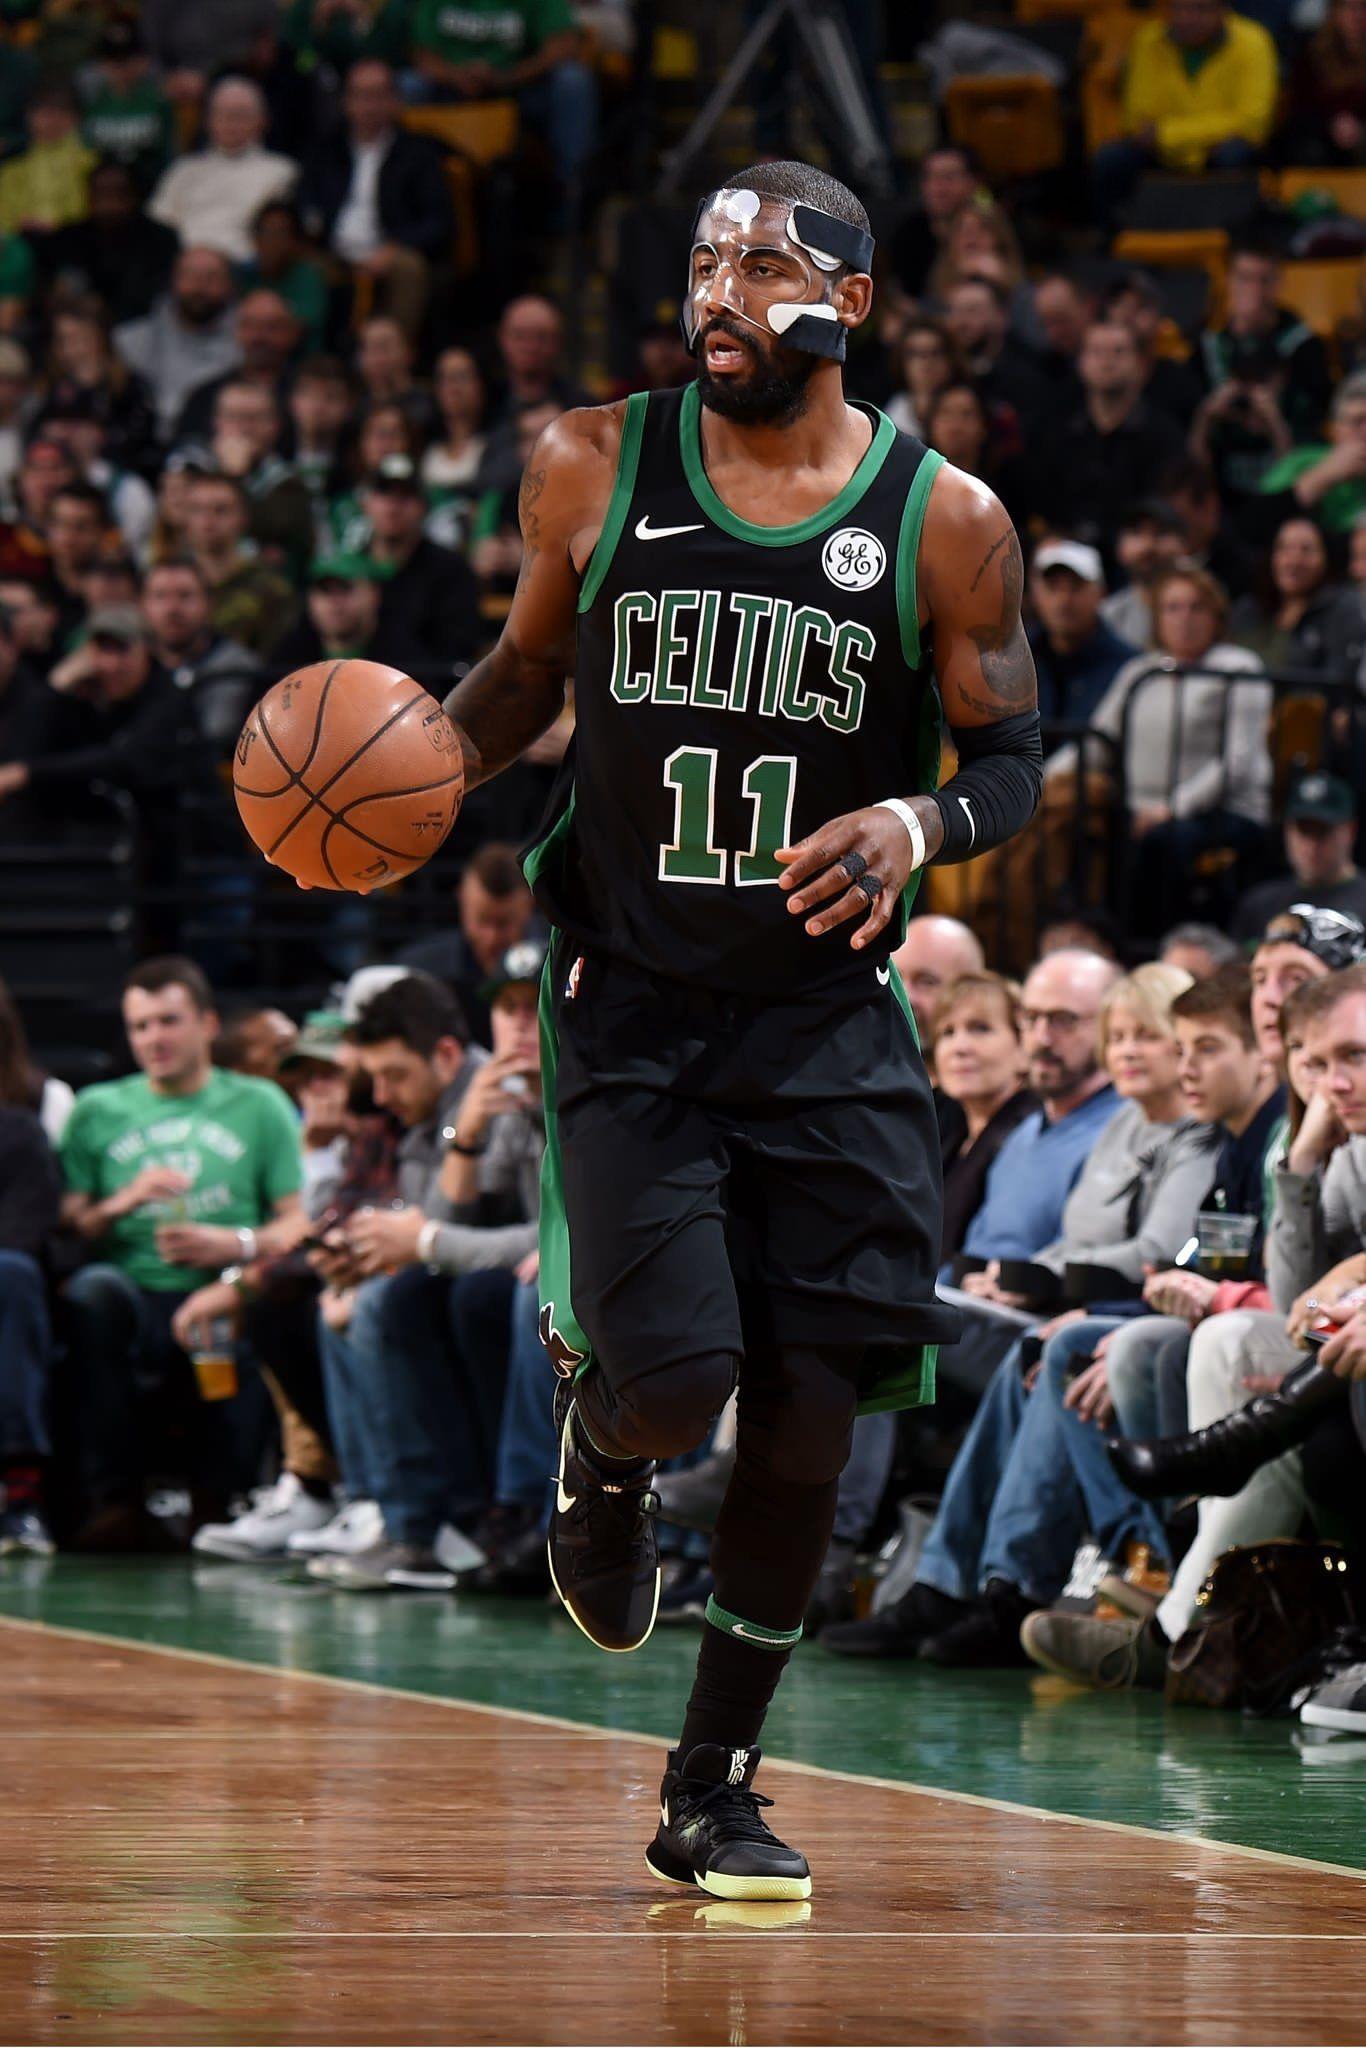 9daa2510c34 KyrieIrving in Celtics Statement uniform. | Nba | Basketball, Nba ...